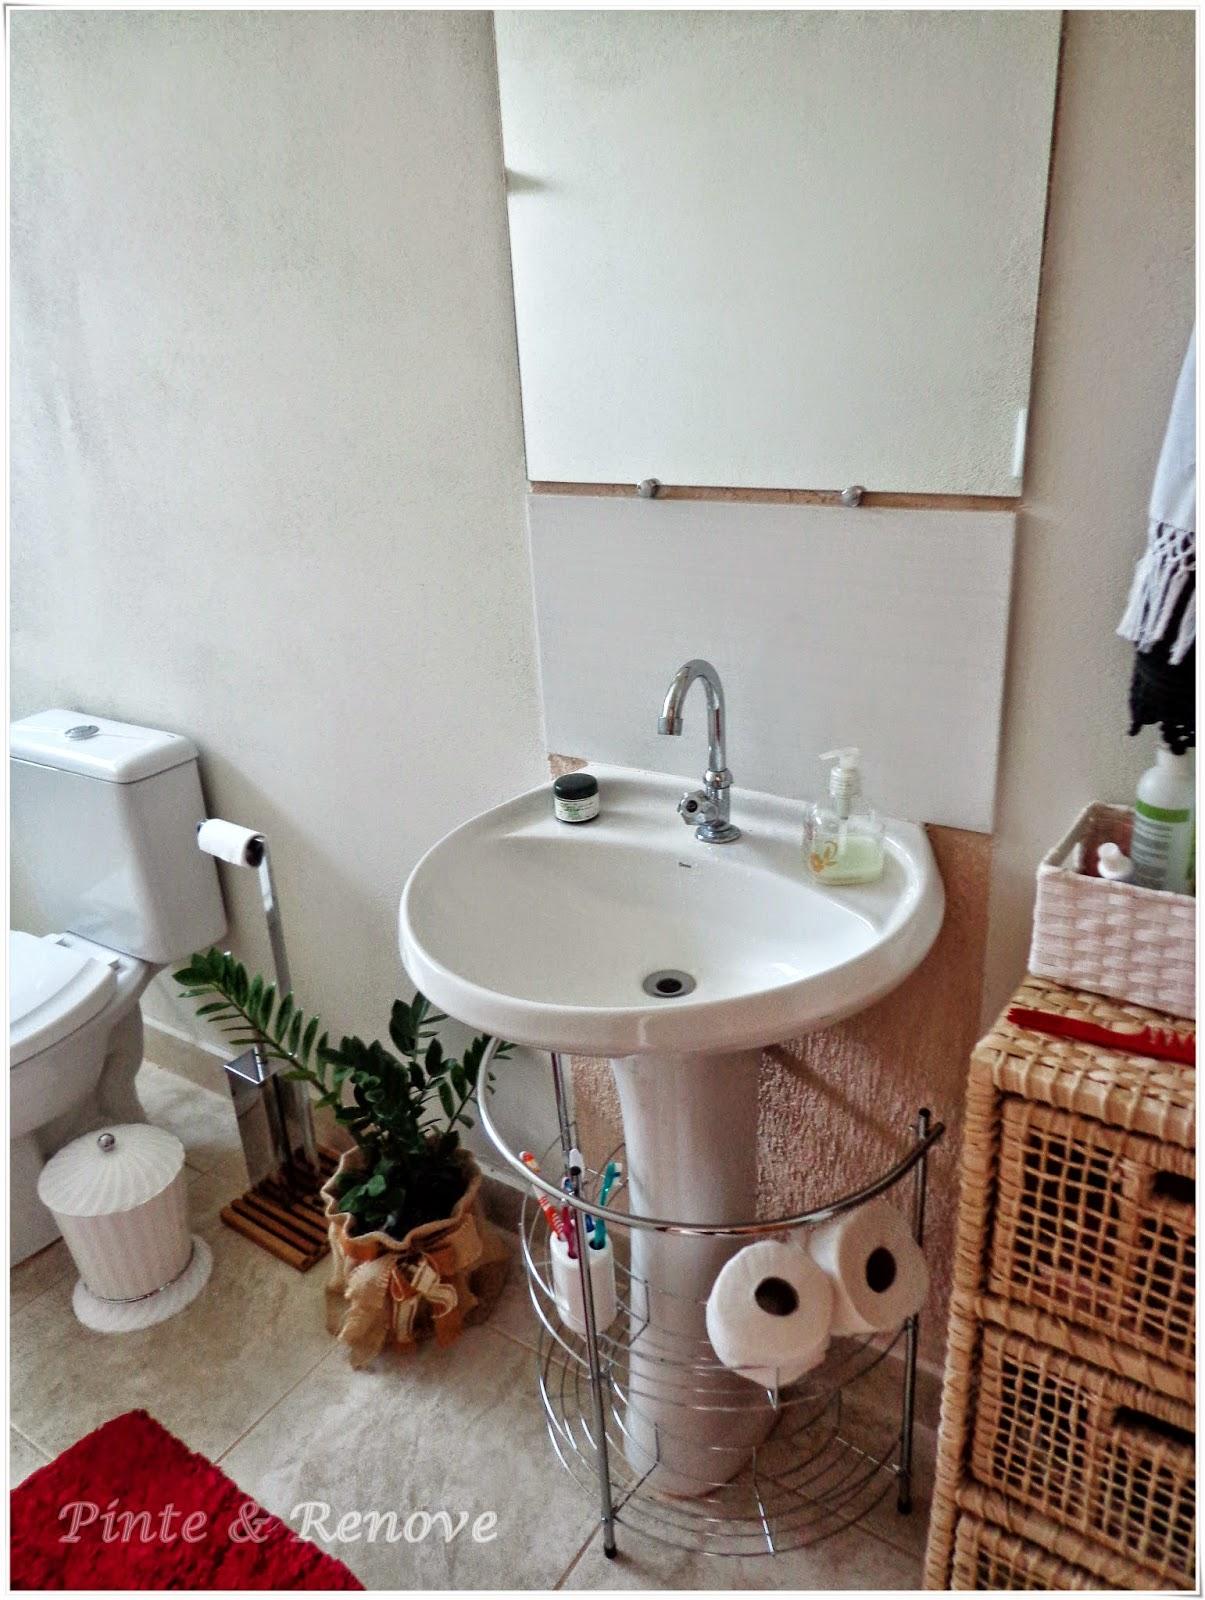 Imagens de #6E372B Banheiros pequenos: dicas e inspirações Pinte e Renove 1205x1600 px 3626 Banheiros Simples Rusticos